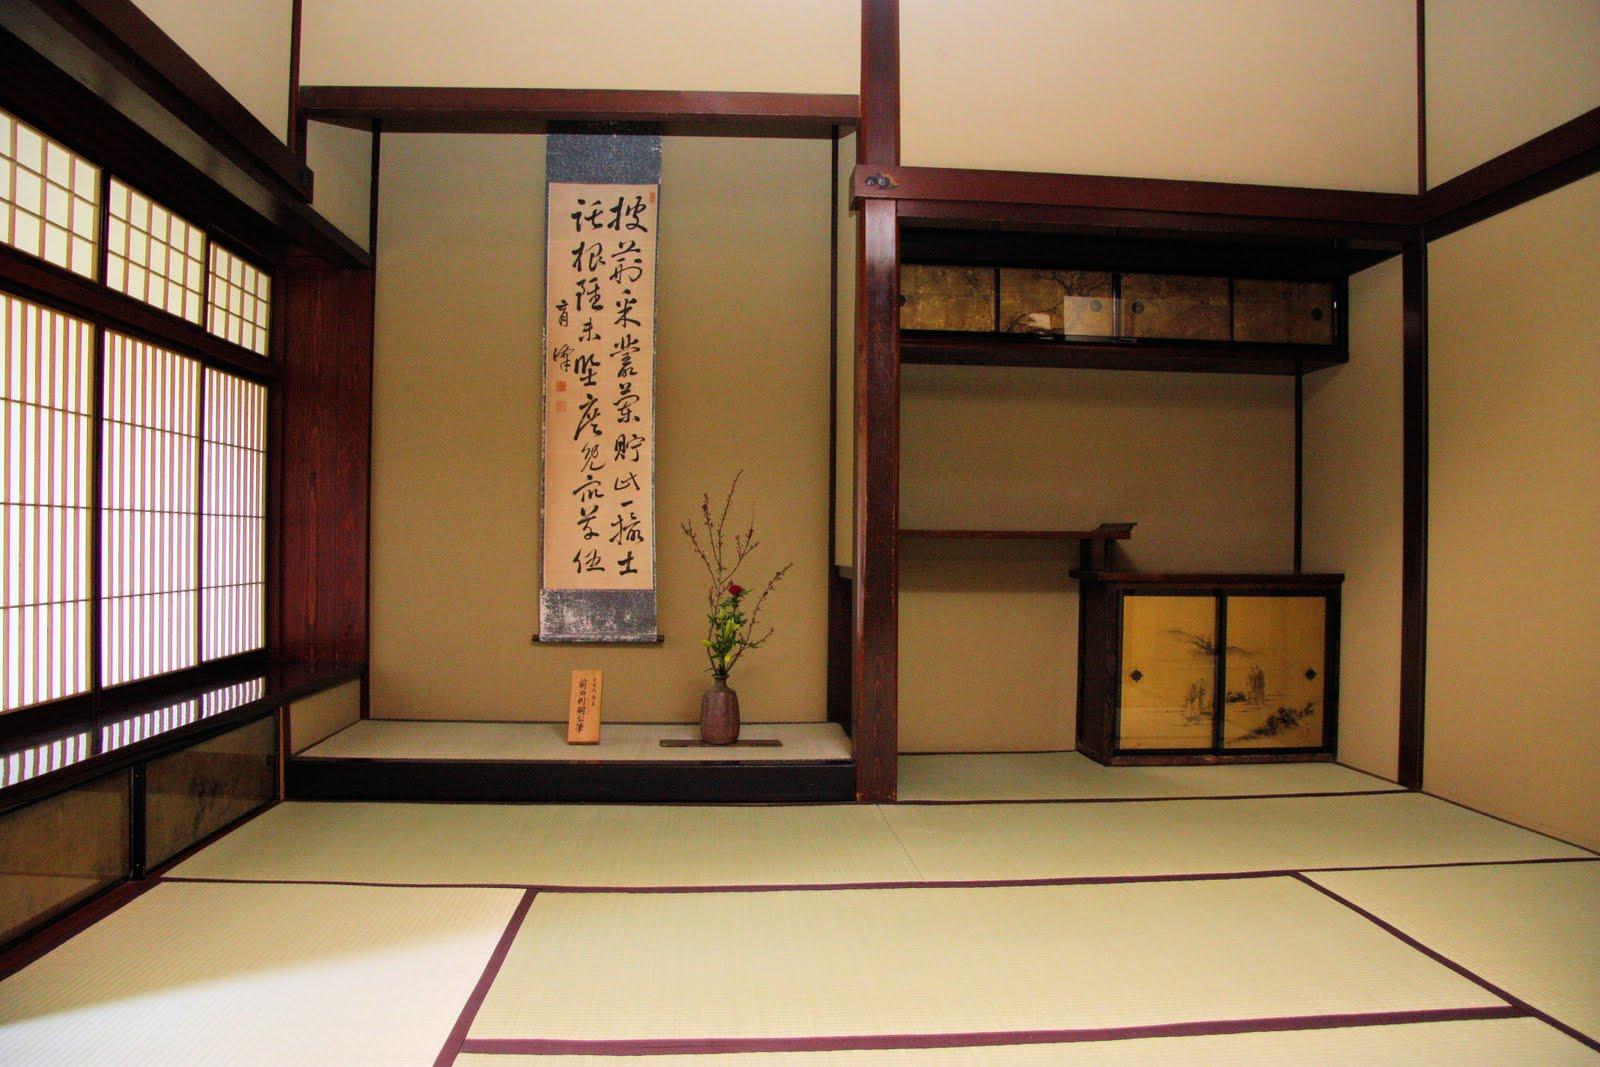 Thiết kế nội thất theo phong cách Nhật Bản với nét đẹp tự nhiên